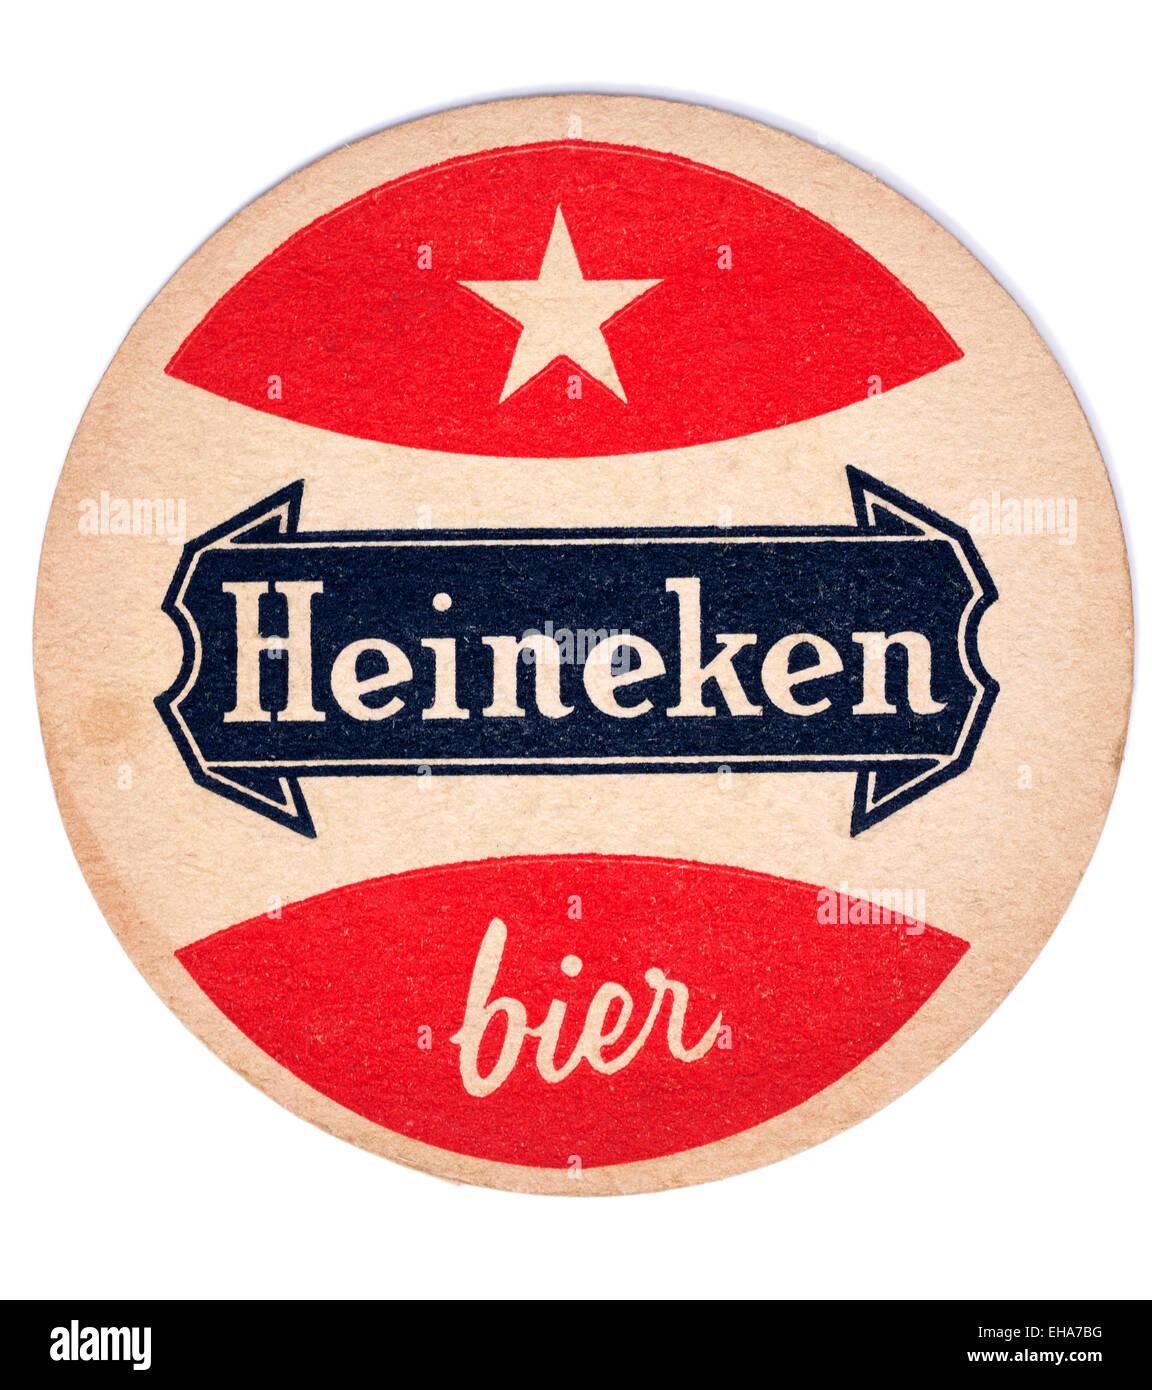 Vintage Beermat Advertising Heineken Bier - Stock Image